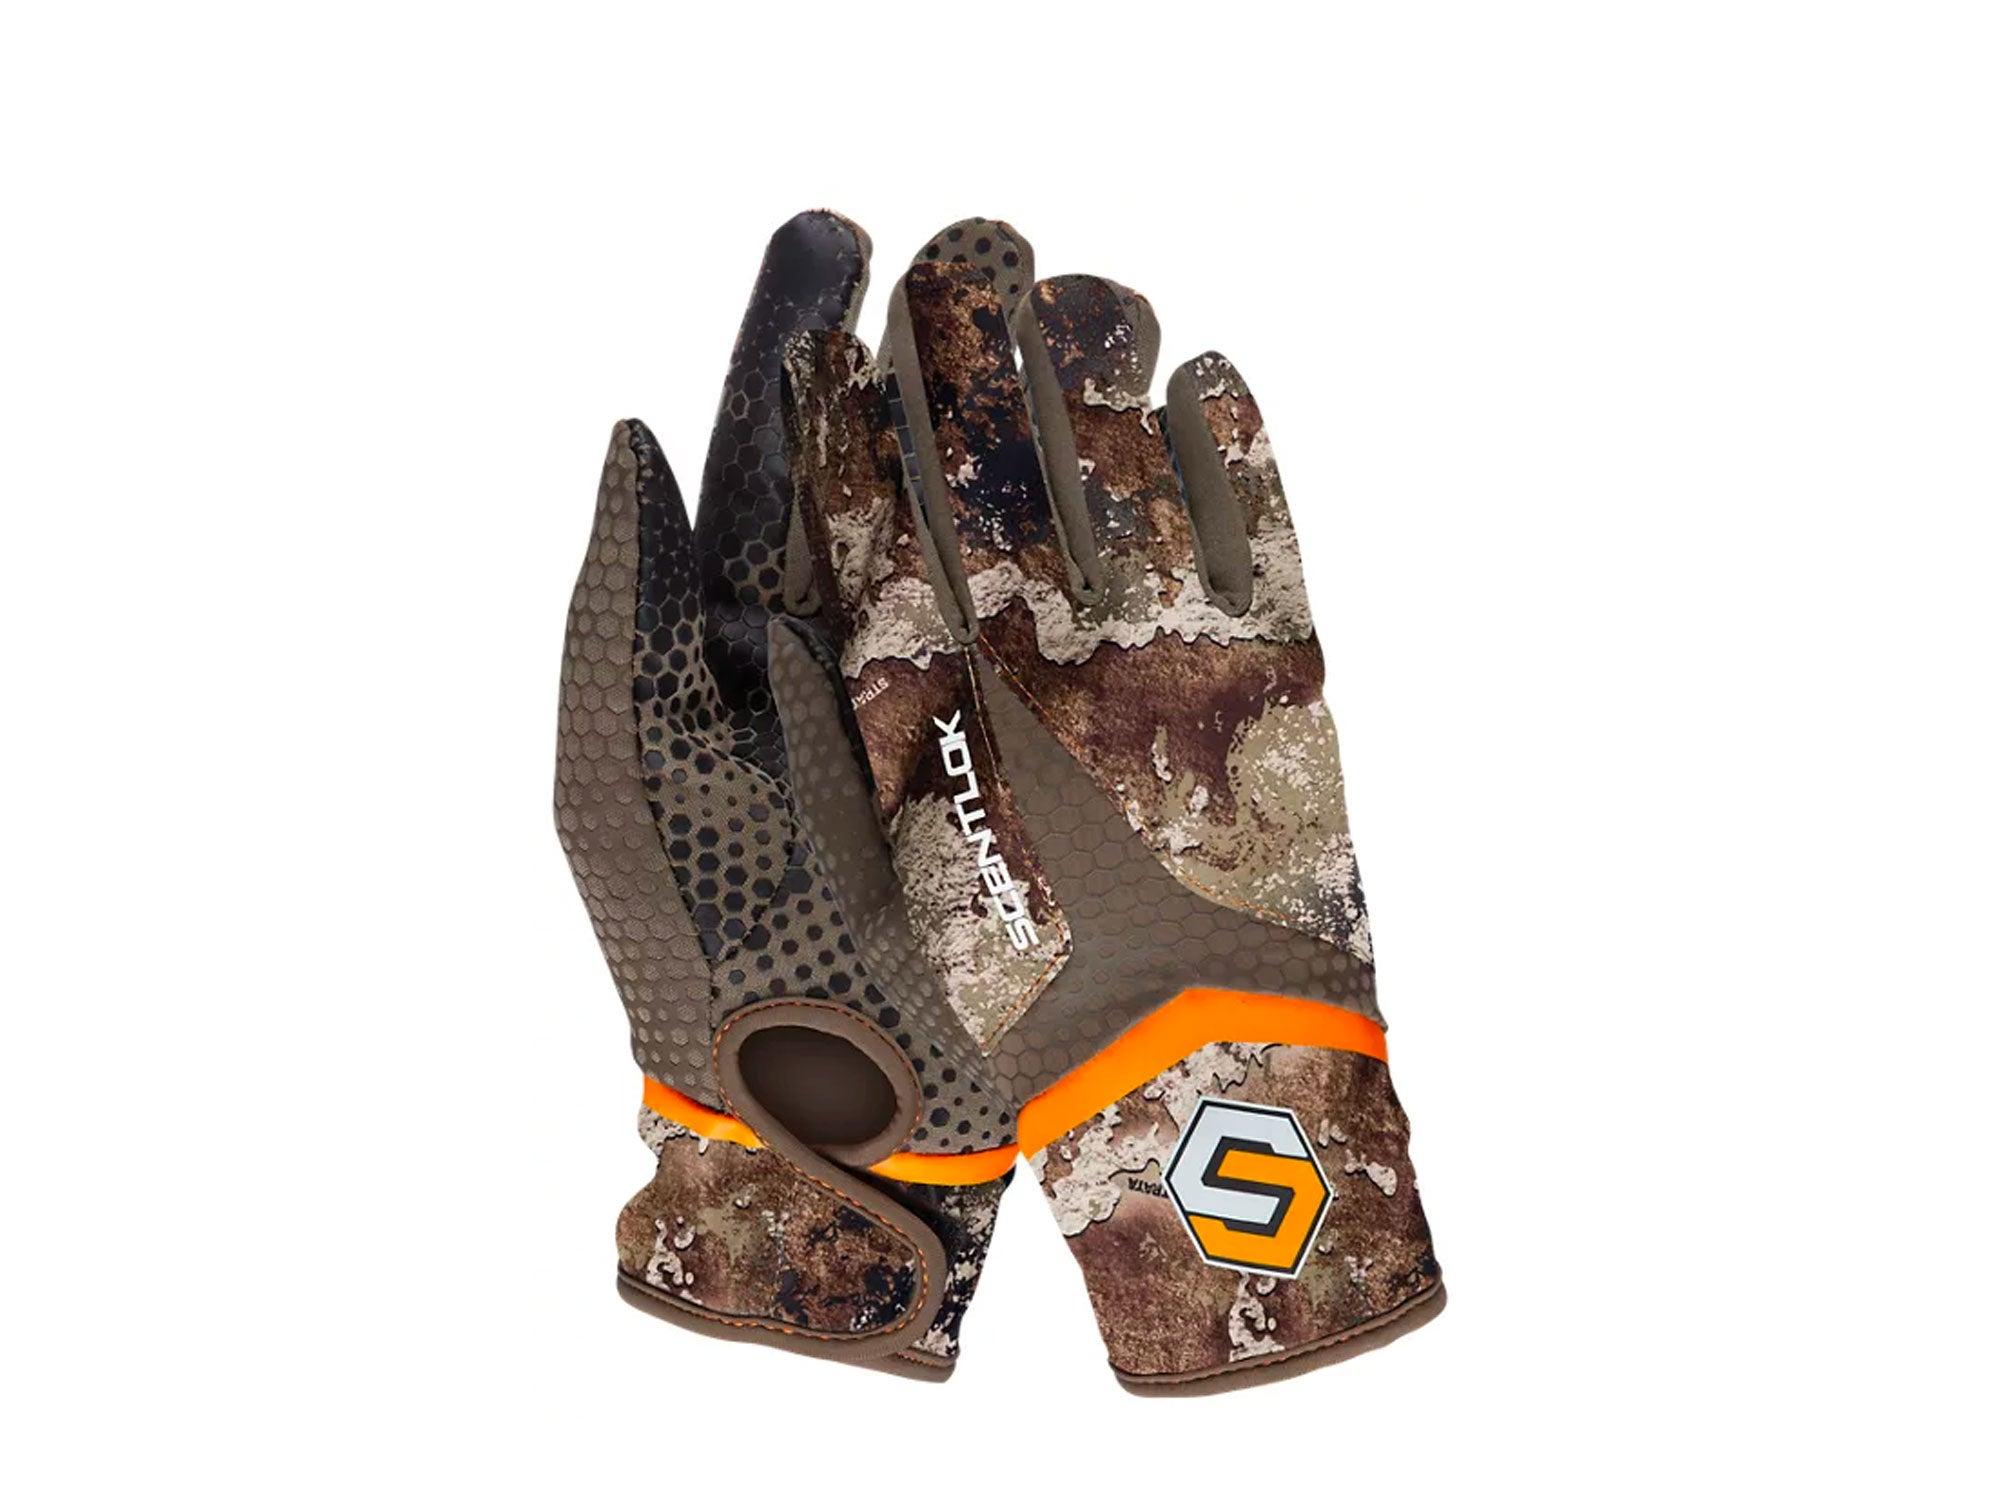 Cabelas Scent-Lok hunting gloves